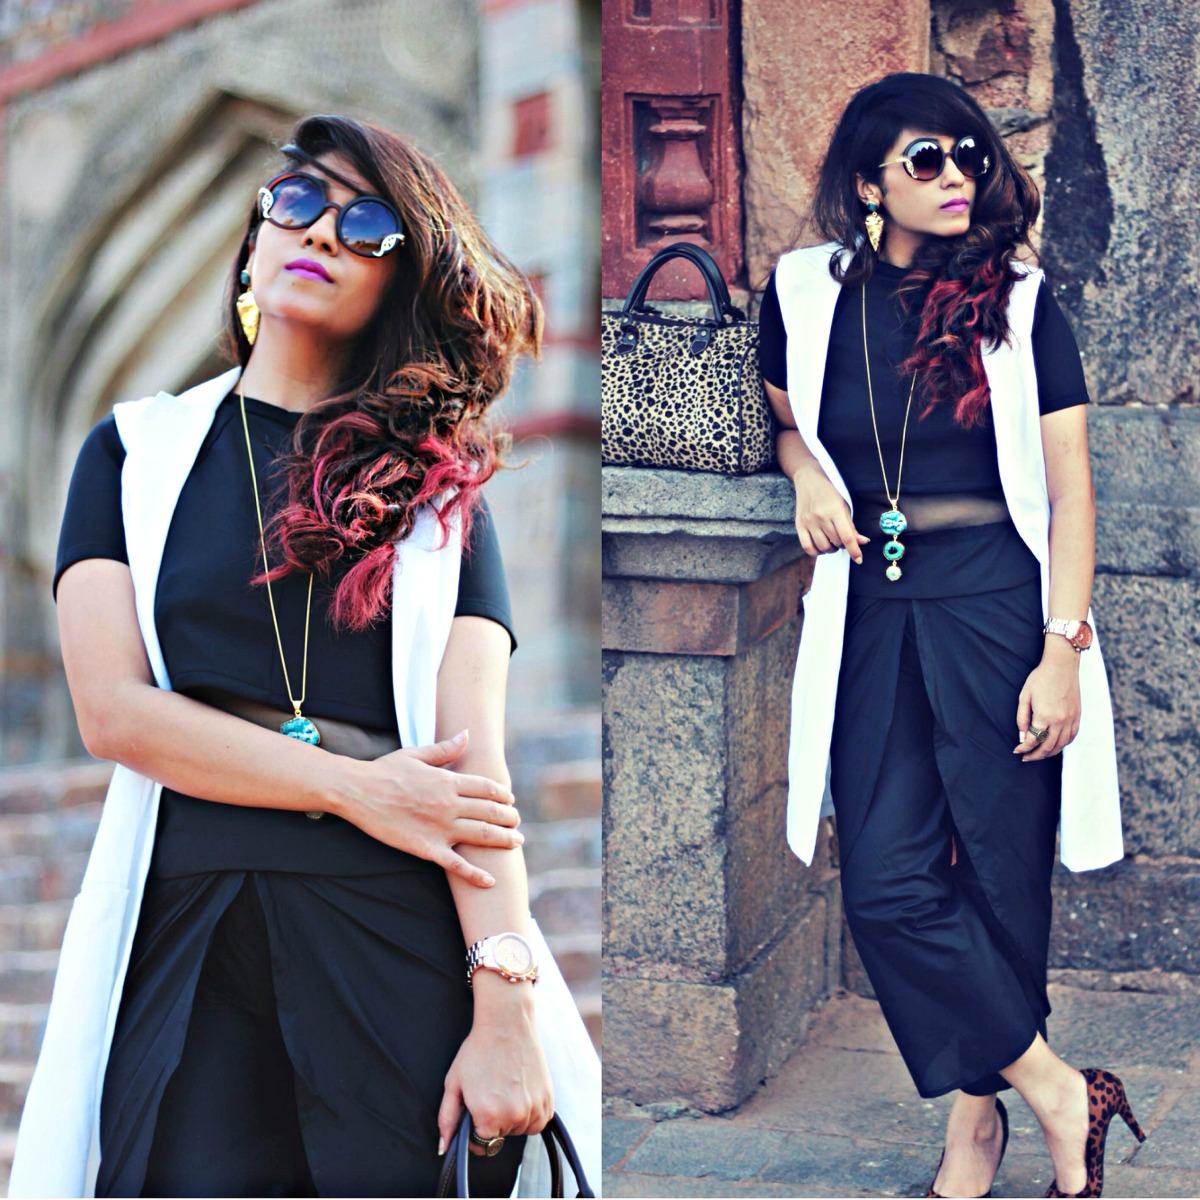 黑白单色冬装,elle streetstyle时尚